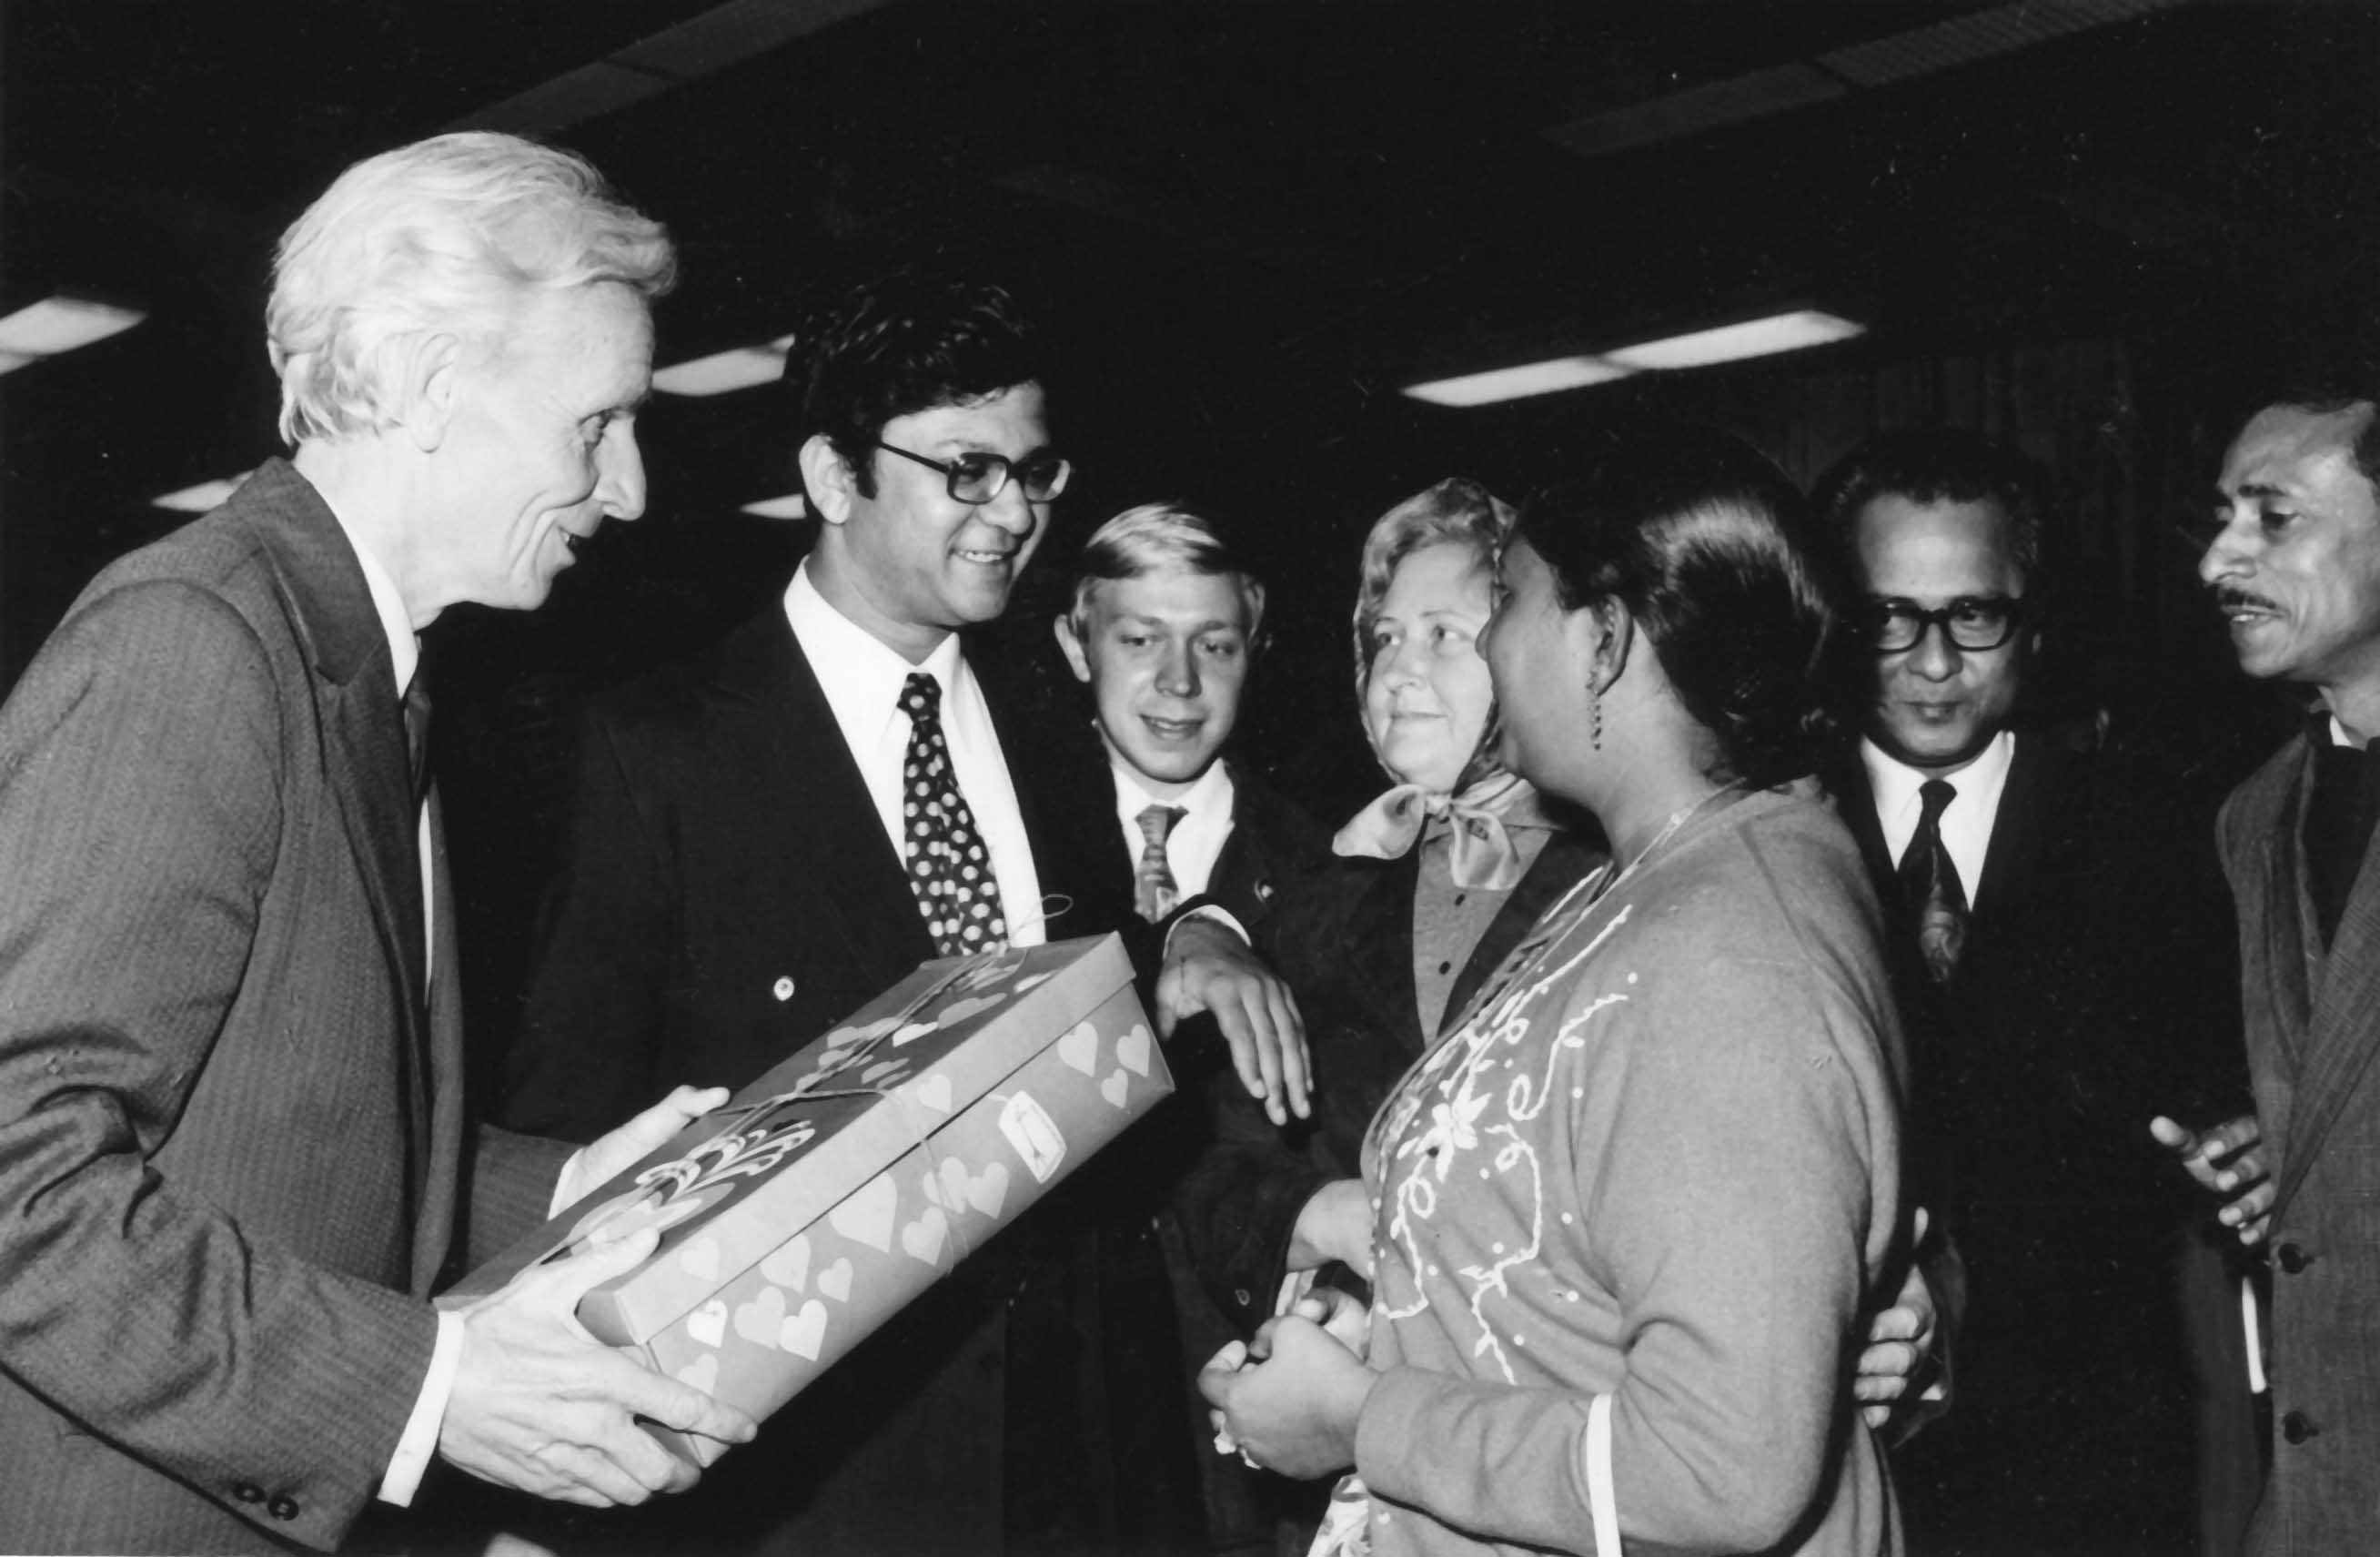 Экспонат #70. С индийской делегацией. 1980 год